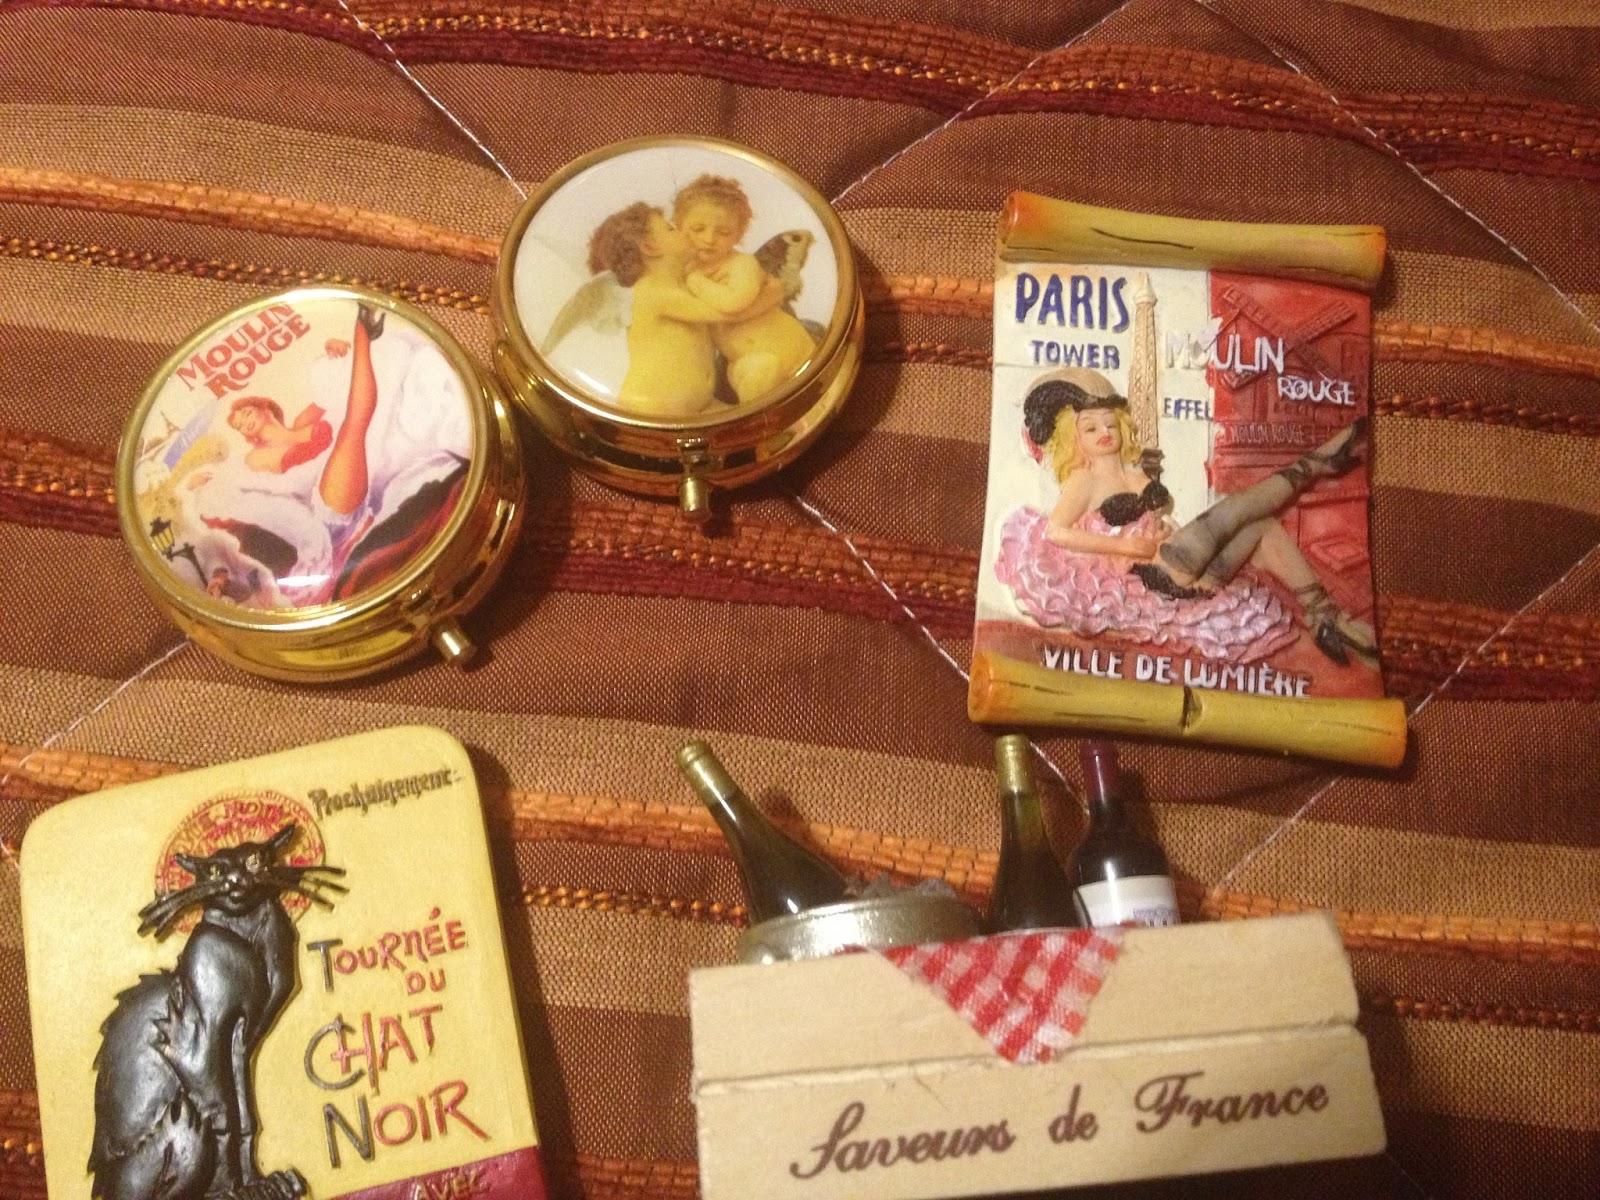 14bb0bb9e Achei itens diferenciados em uma loja na proximidade da Sacre Coeur...que  tem uma loja de esquina com um crepe bem recheado.